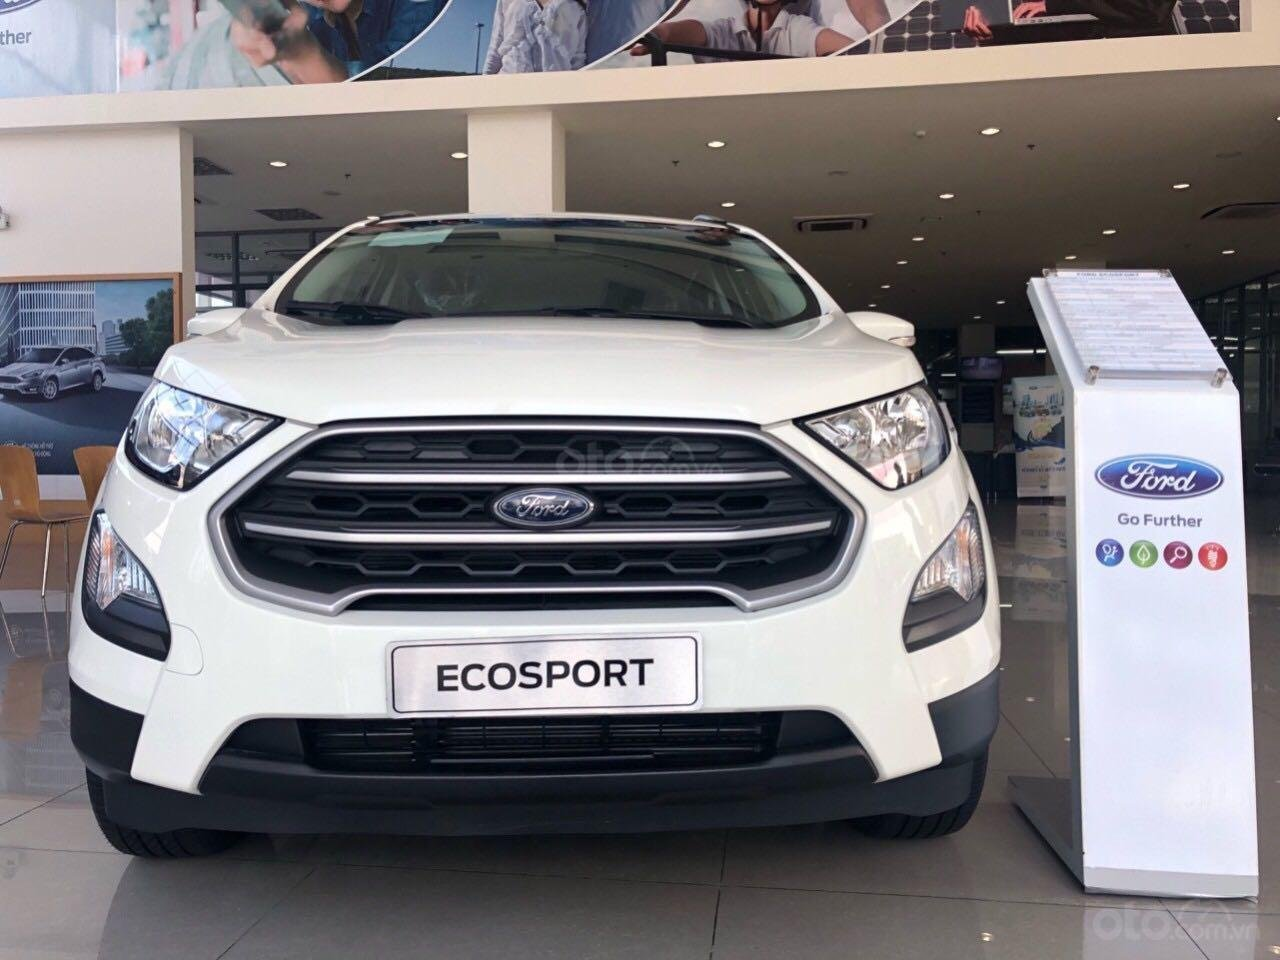 Ford Ecosport 2020 mới100%, giảm tiền mặt tặng phụ kiện xe (7)